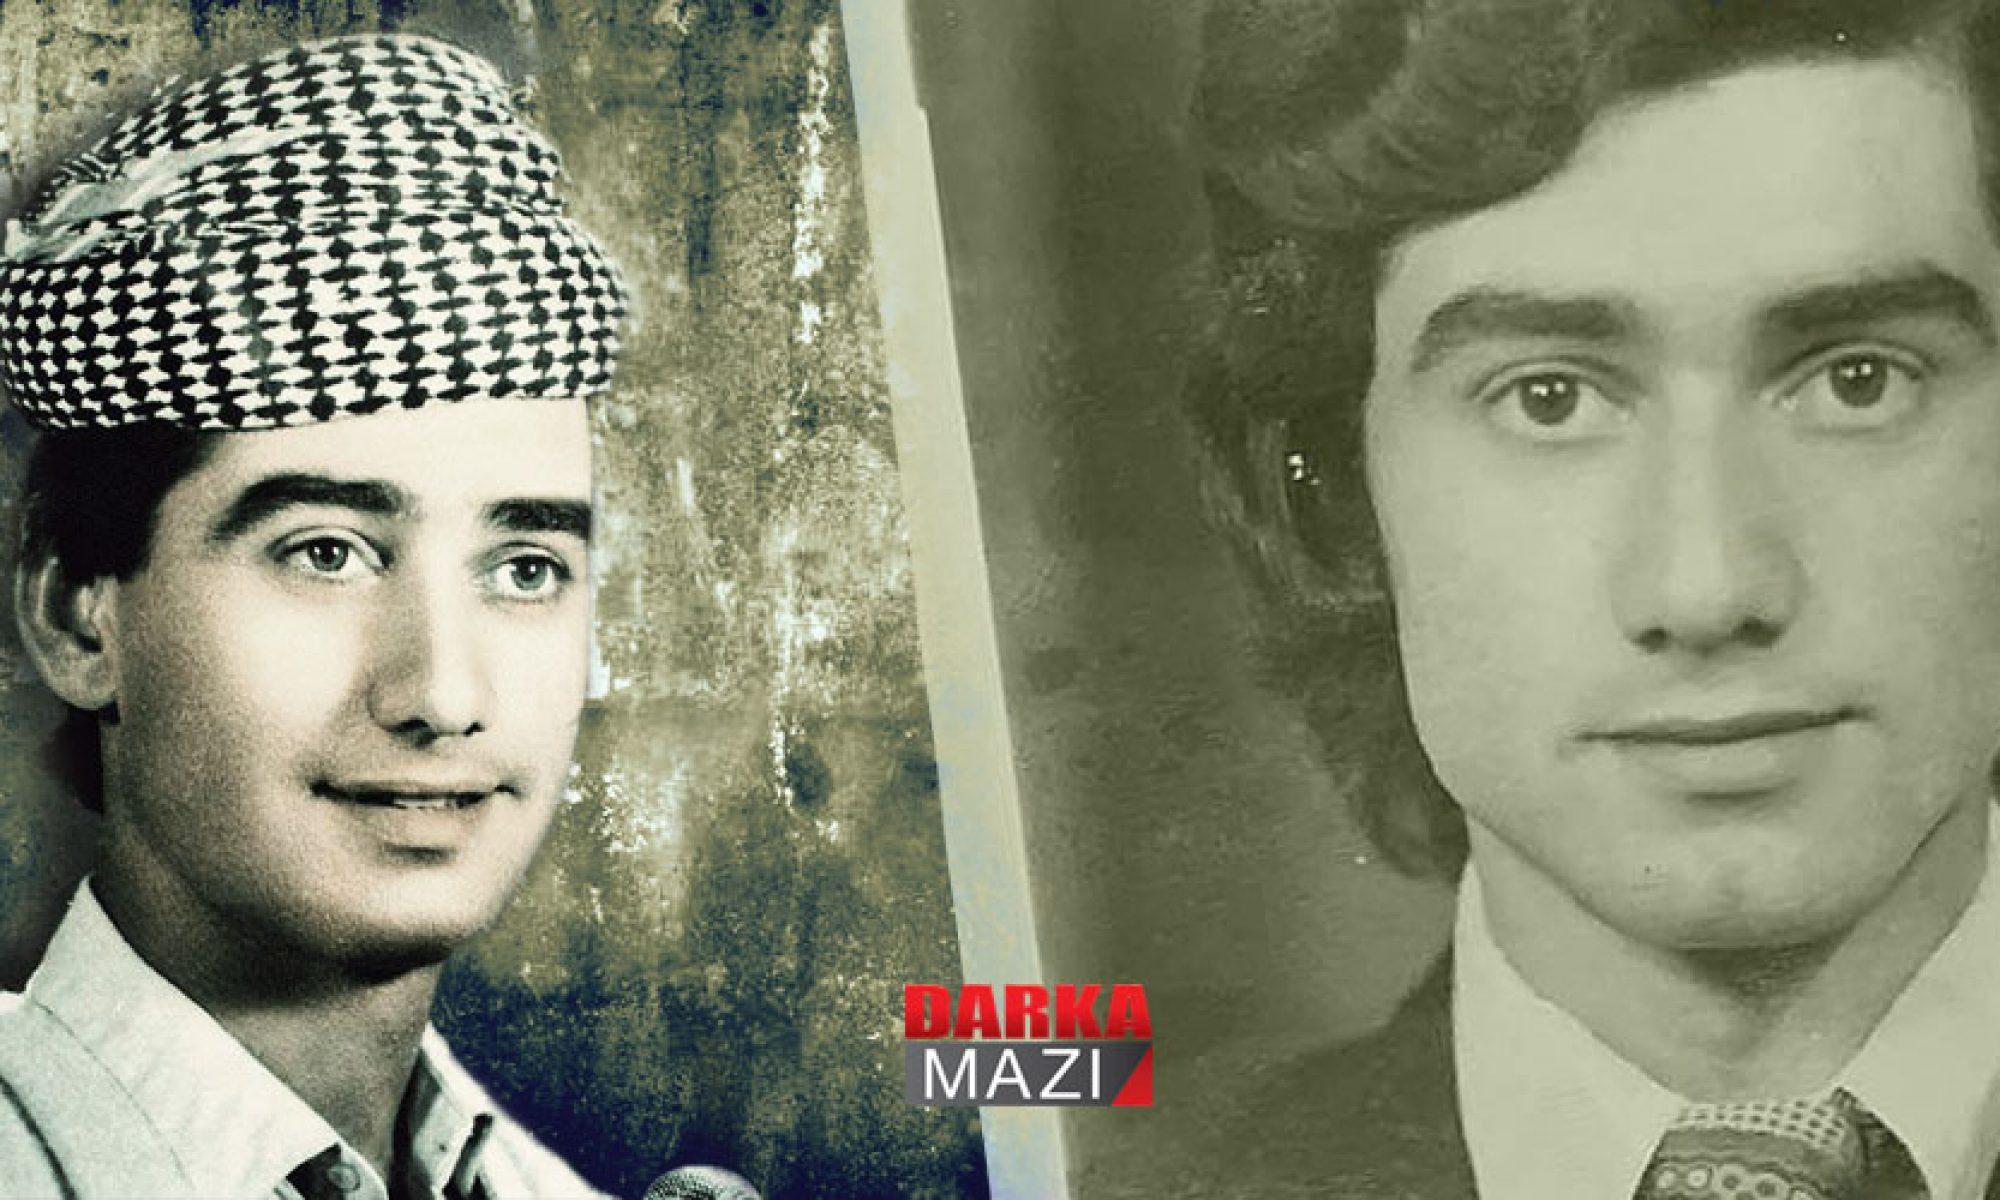 Katledilişinin 35'inci yıl dönümünde Ayaz Zaxo'yi hala sevenlerinin kalbinde yaşıyor